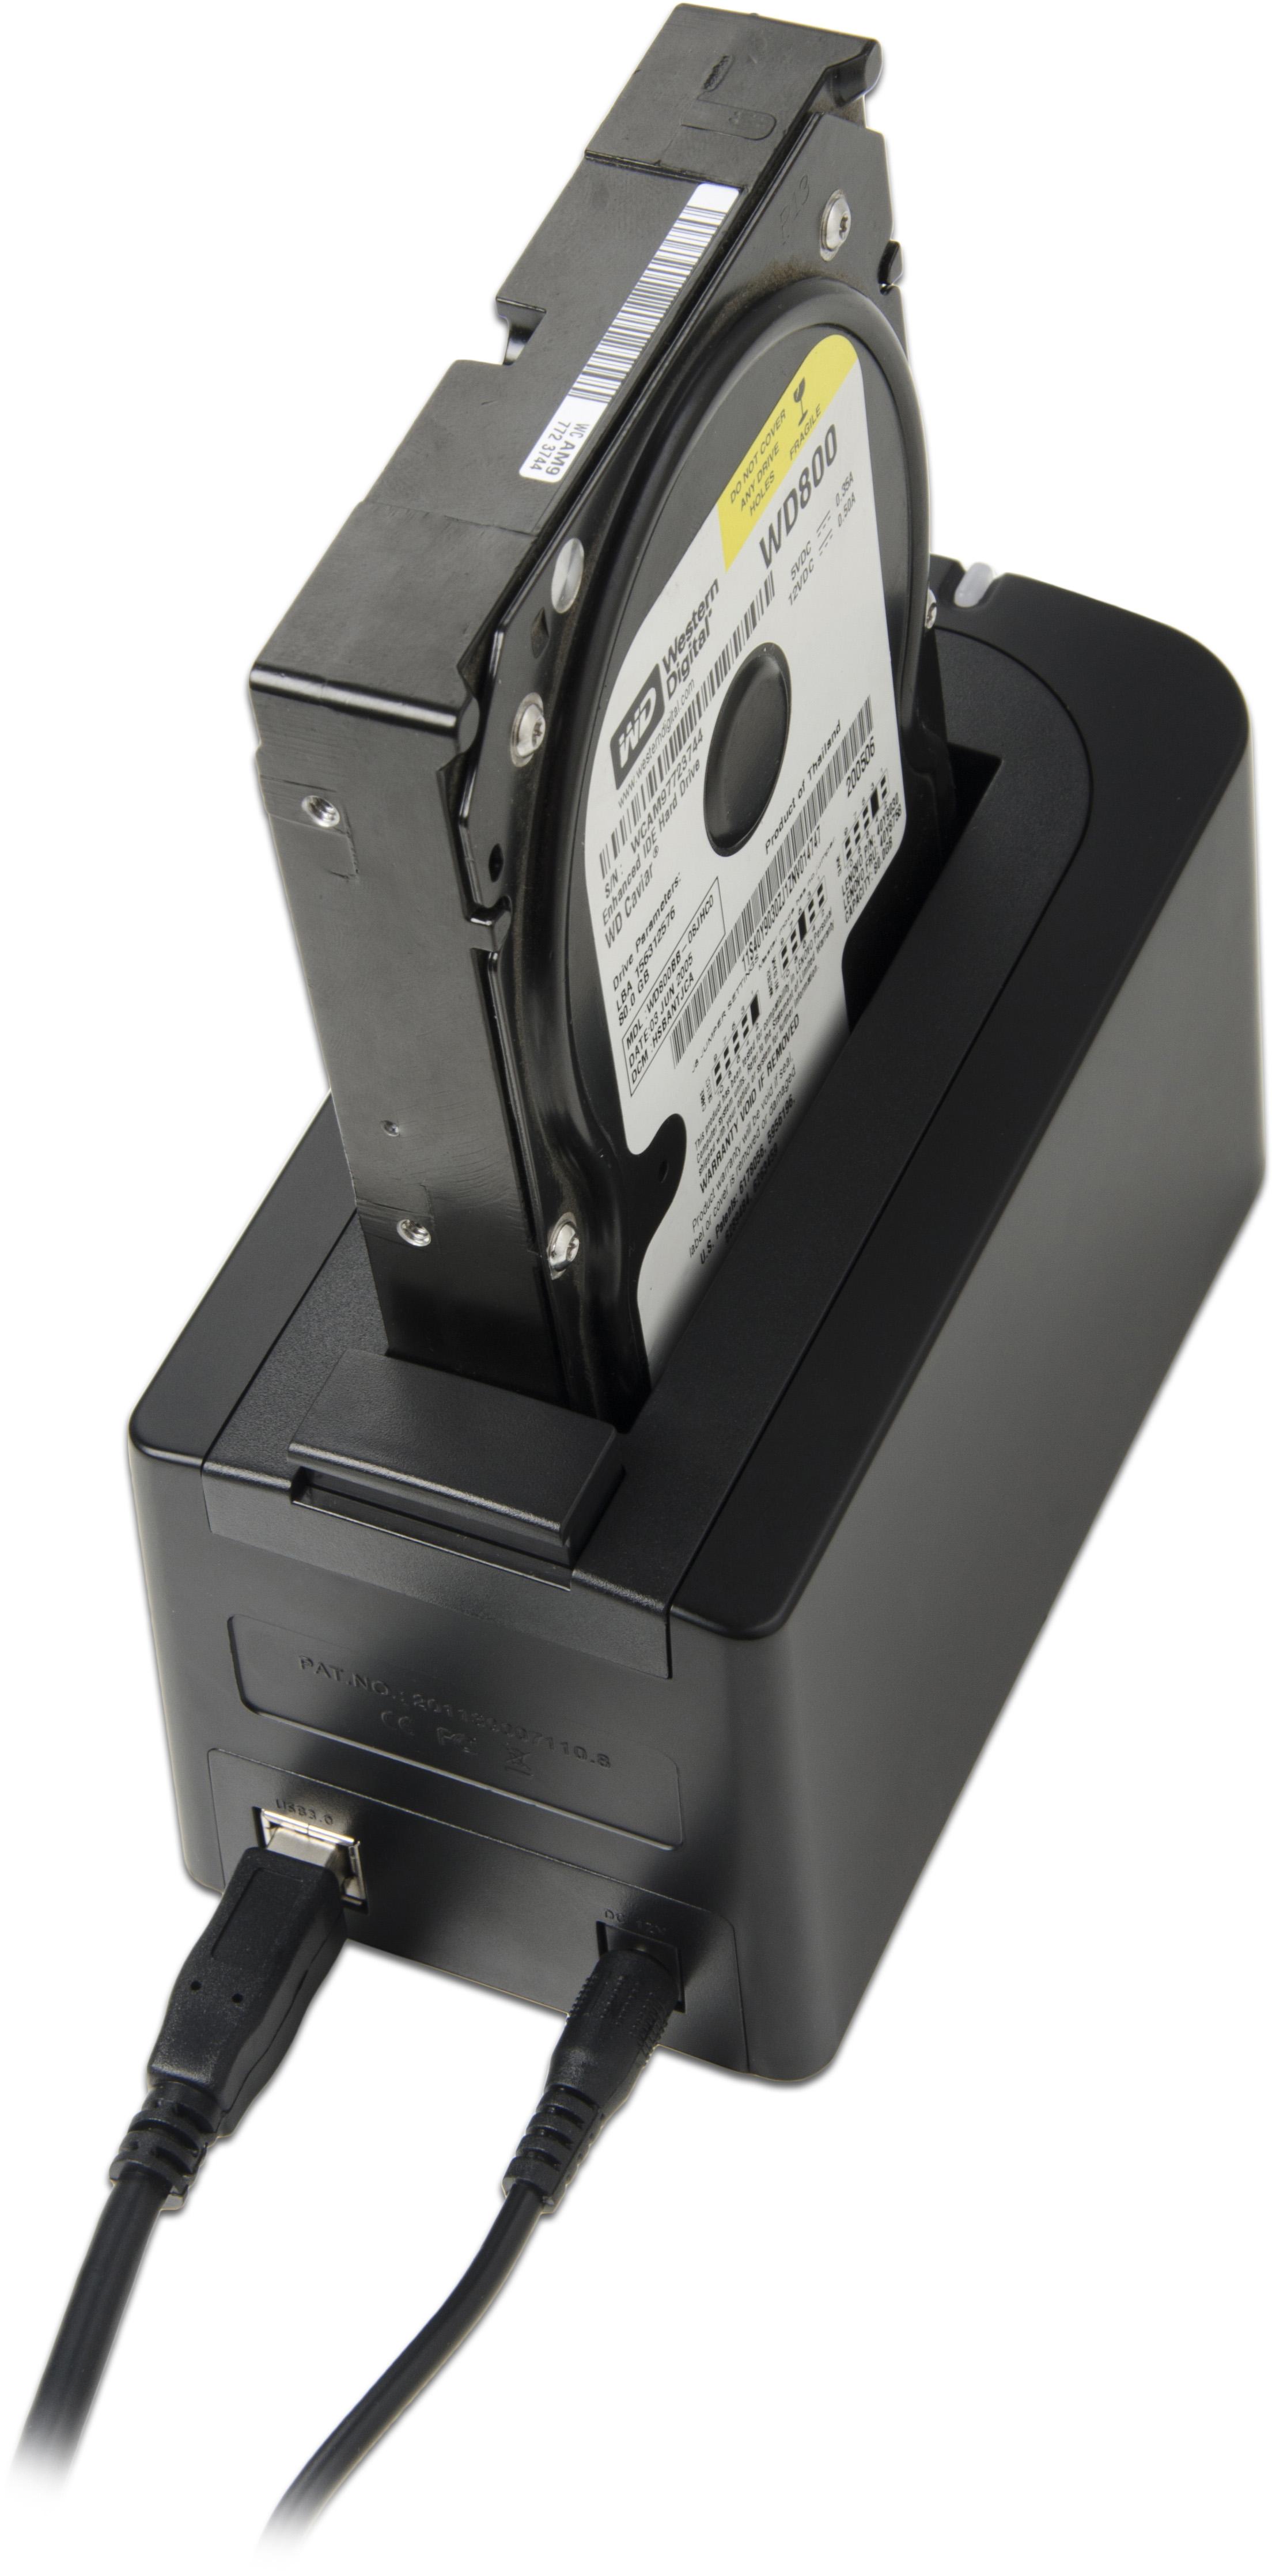 sabrent usb 3 0 to sata external hard drive docking station ds ublk ebay. Black Bedroom Furniture Sets. Home Design Ideas